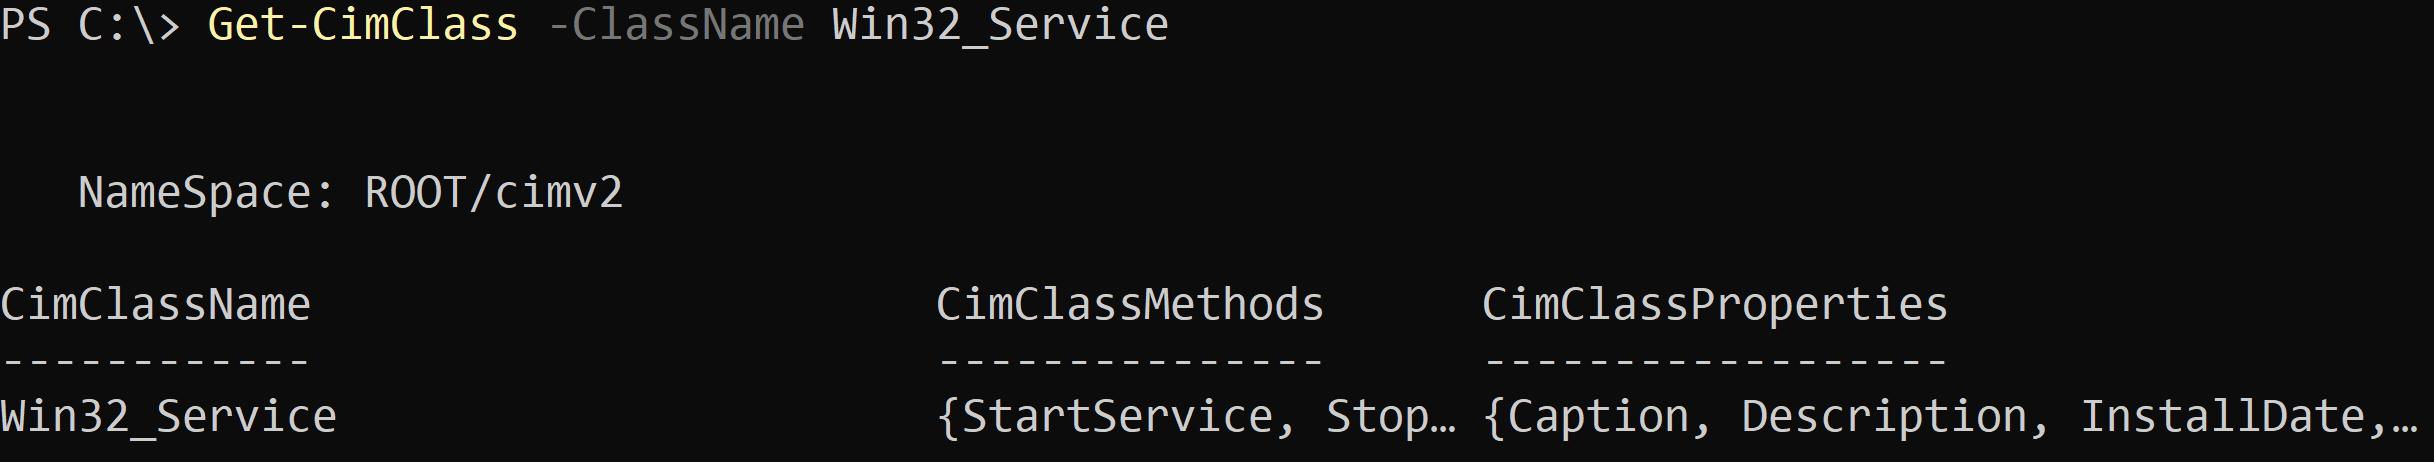 Get Cimclass Parameter